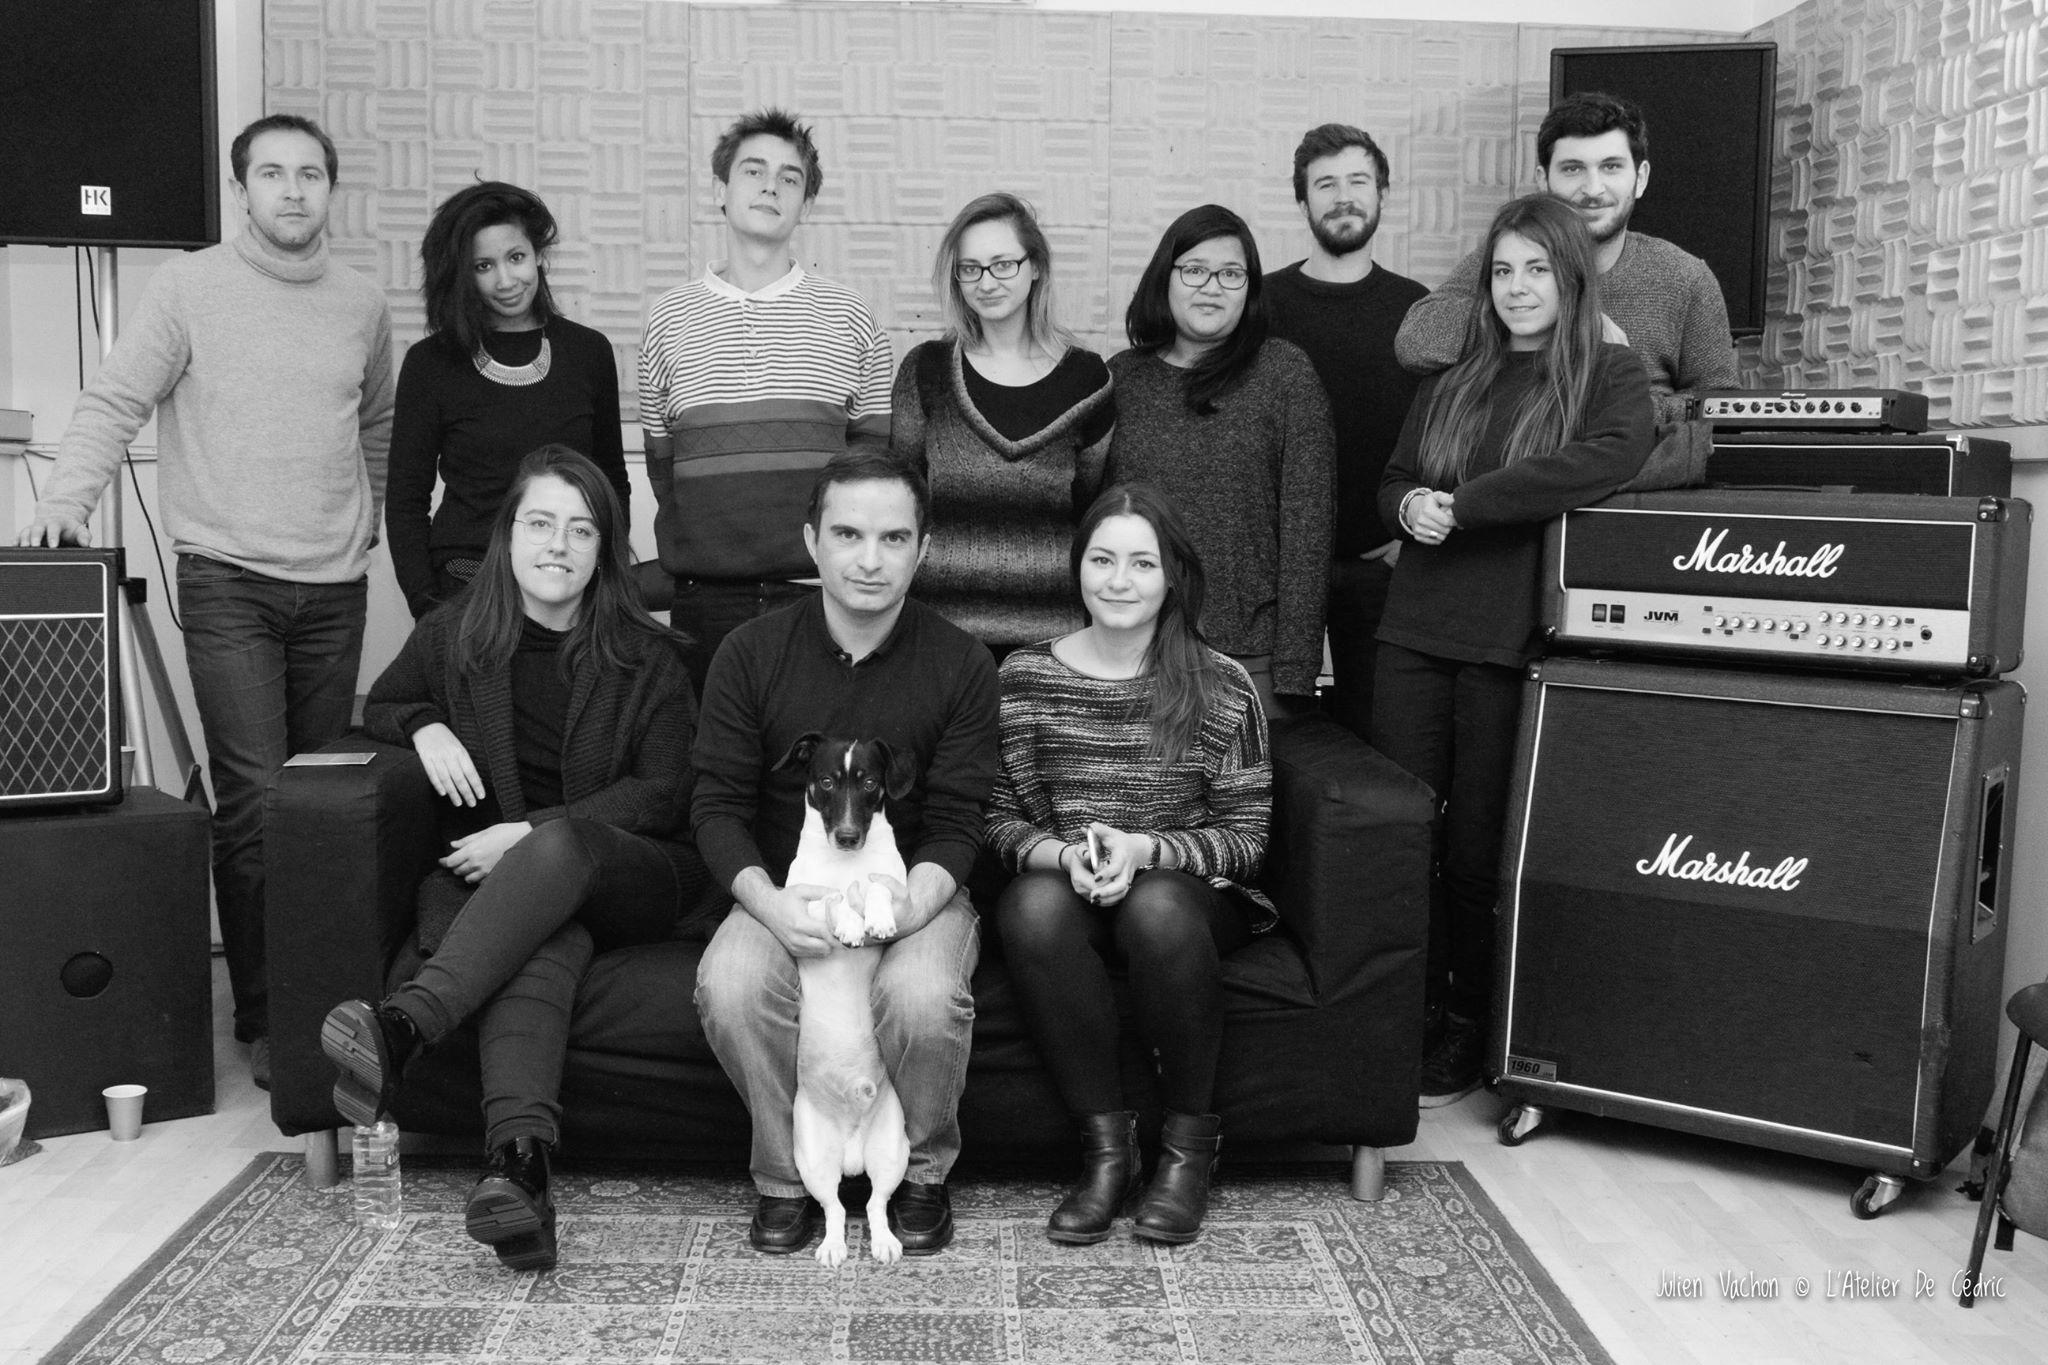 Armonie Bensoussan - Armonie Loves Music